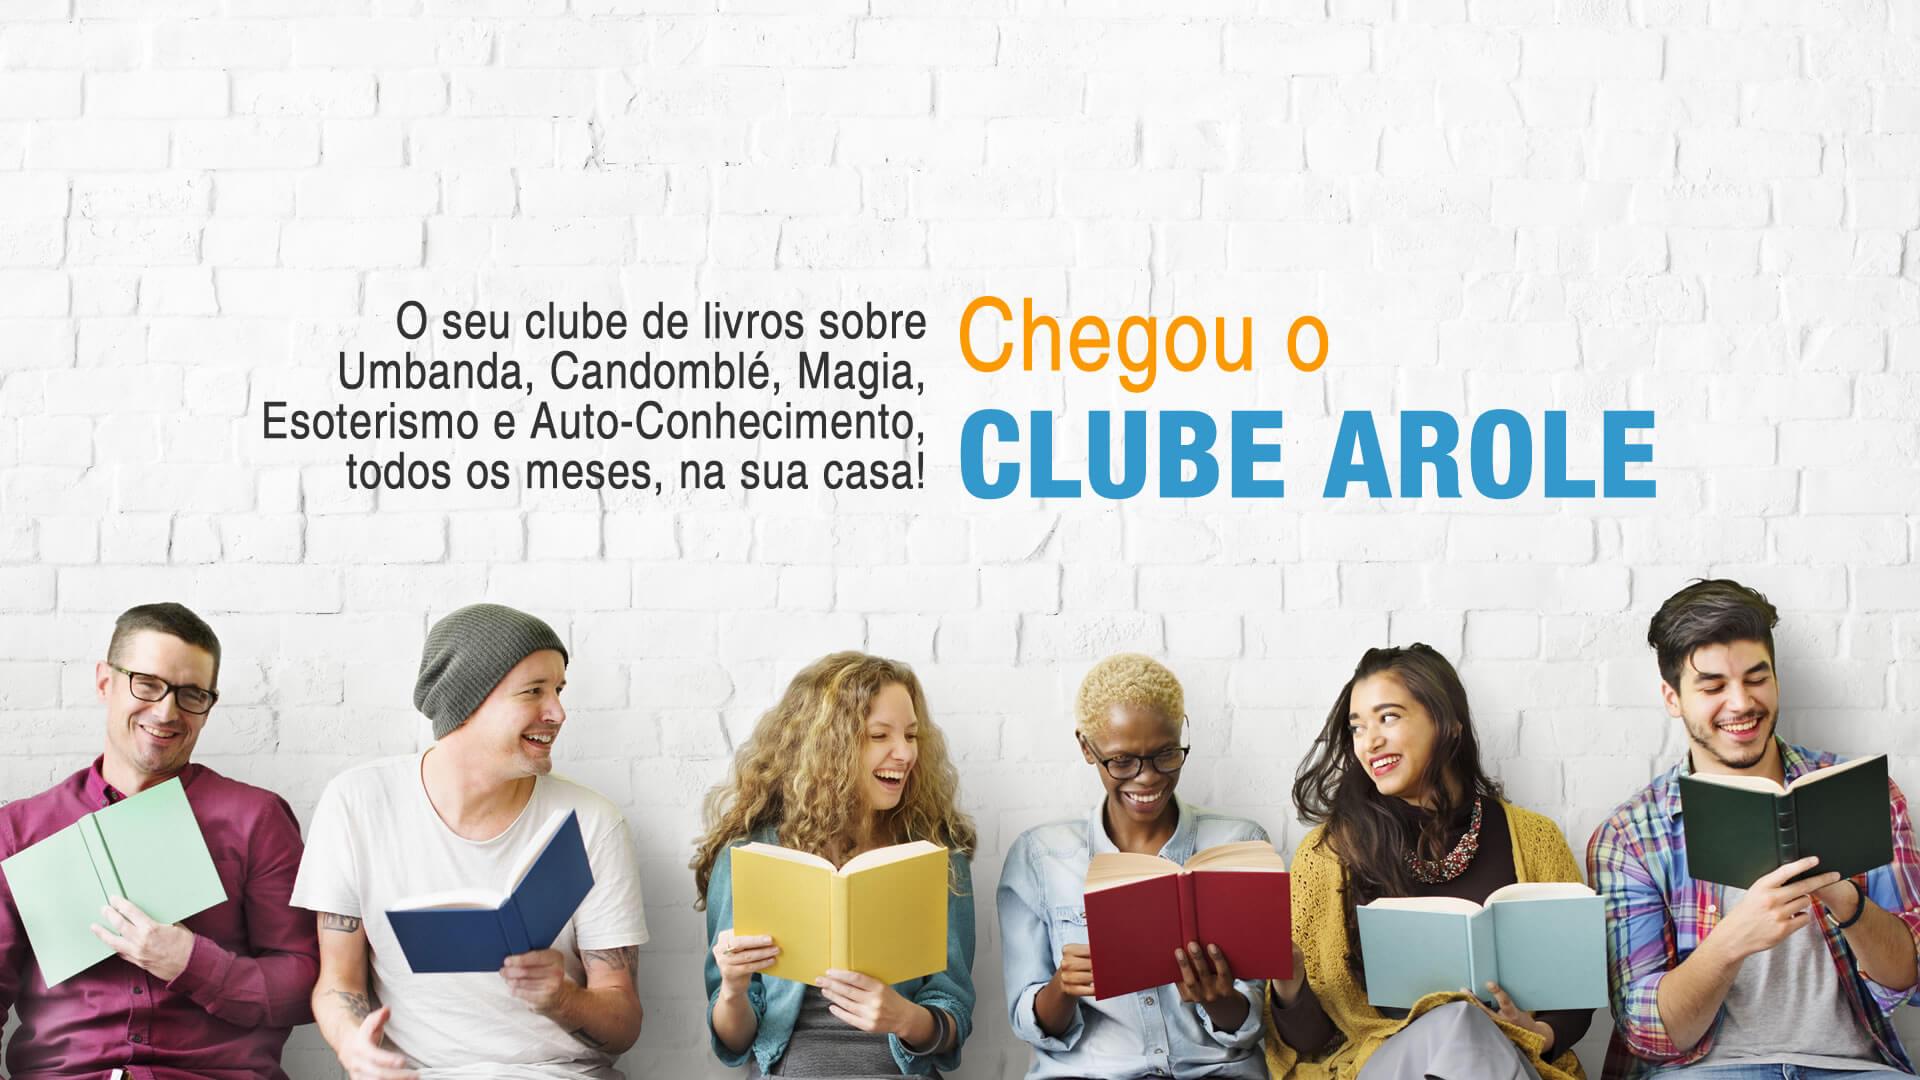 Diego de Oxóssi | O Clube Arole, lançado no último 30 de abril, reunirá obras da Editora e outras publicações do segmento selecionadas por autores e curadores